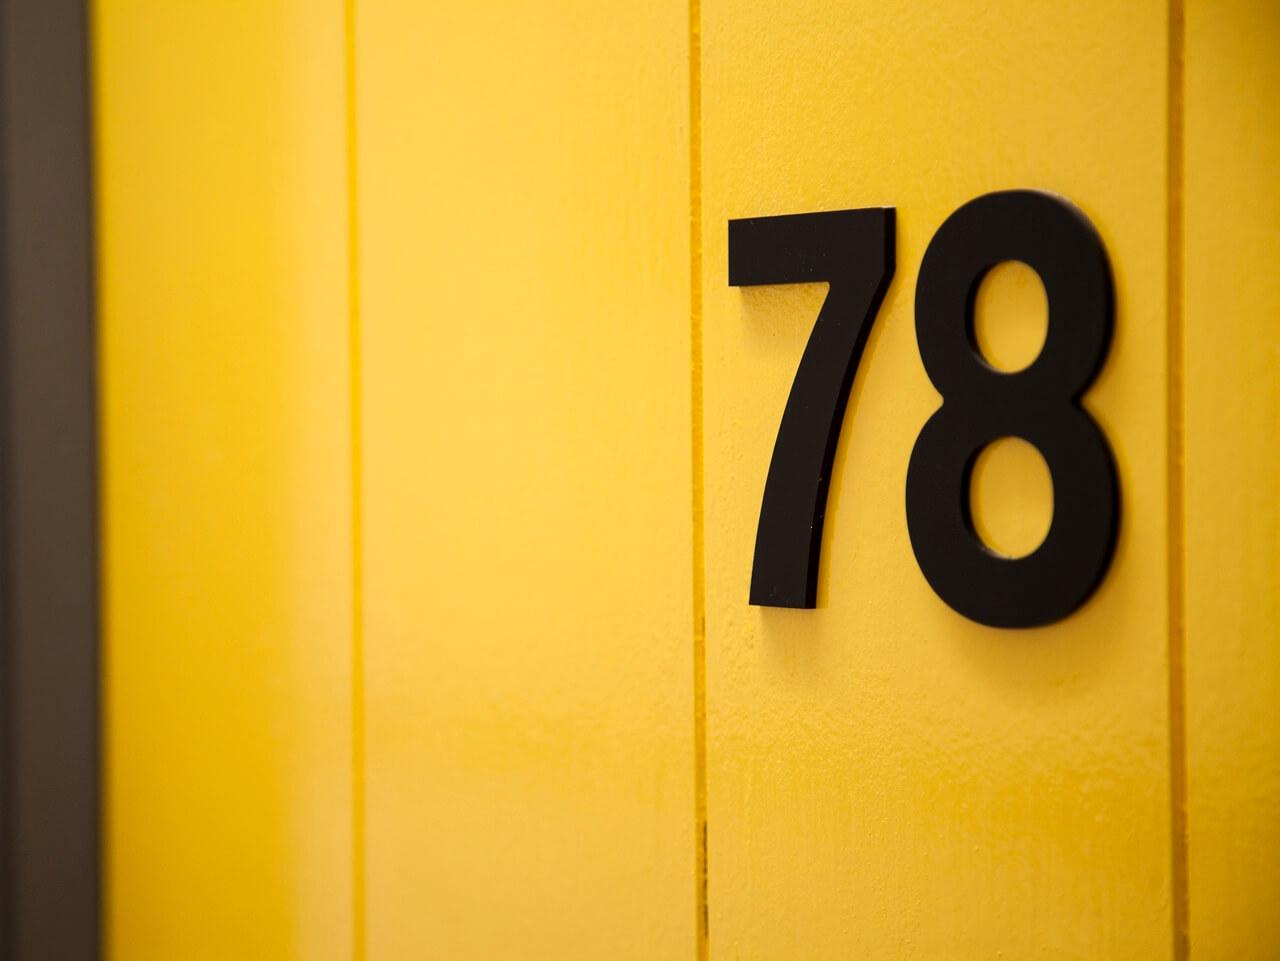 3D door numbering as part of a dementia friendly wayfinding scheme at Haven Court